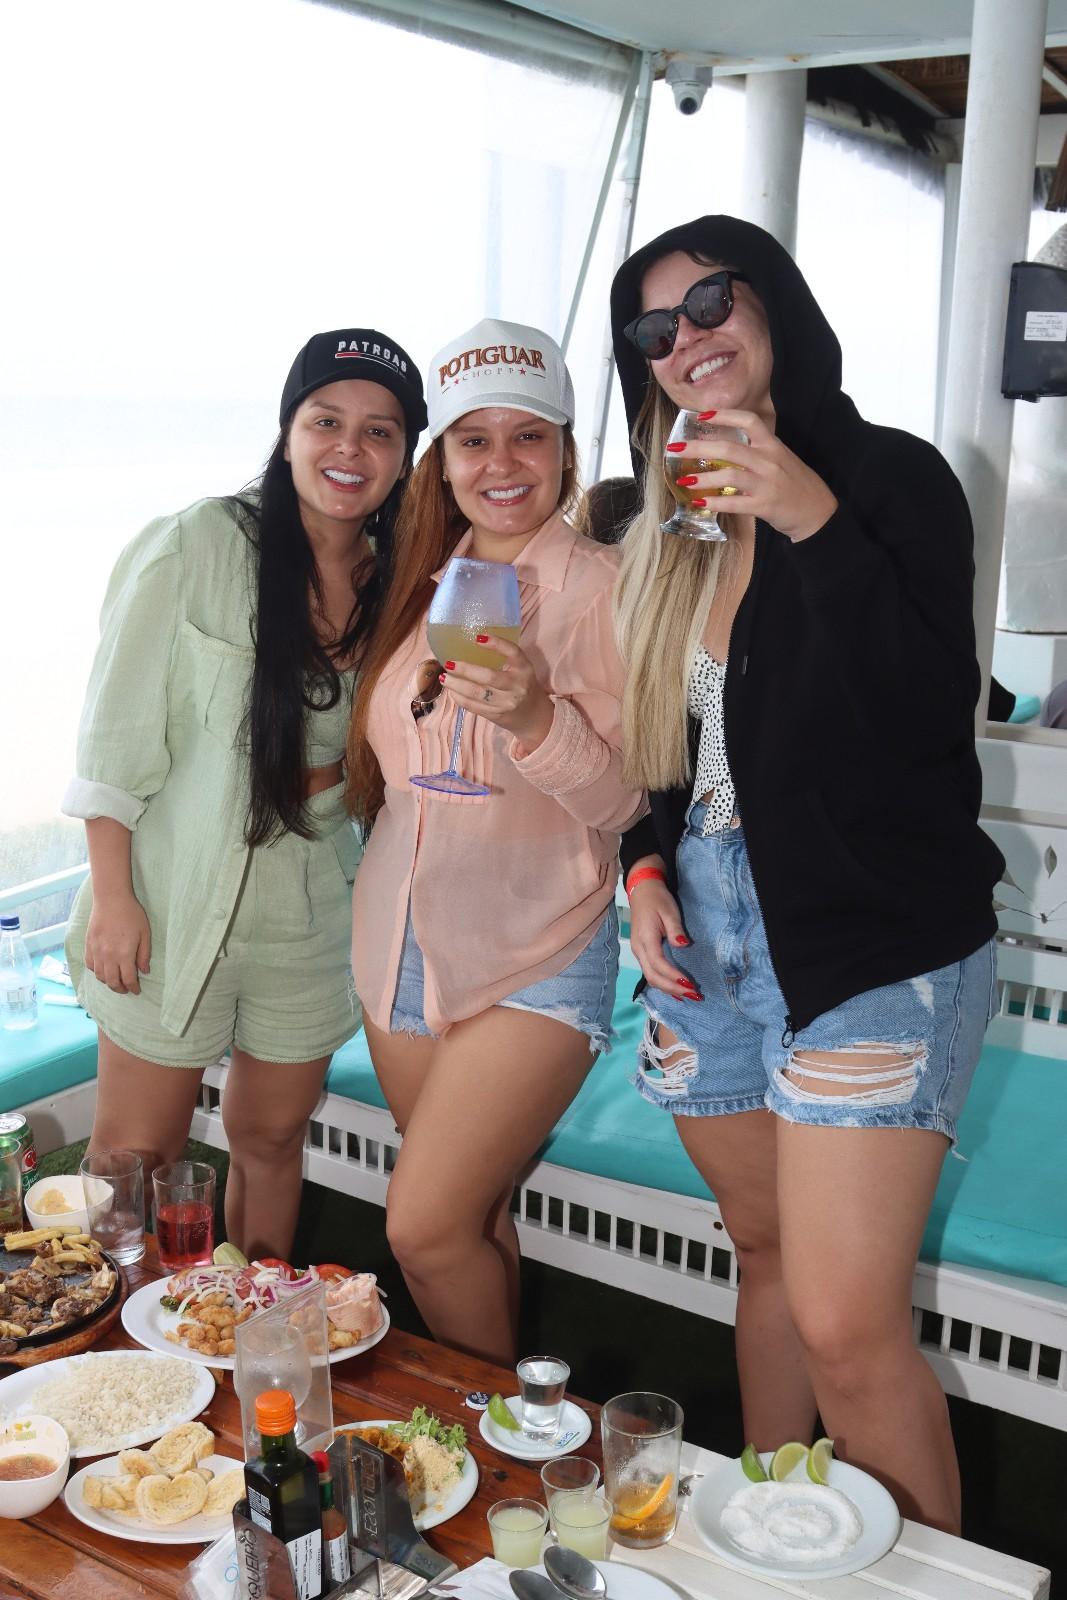 Maiara, Maraisa e Marília Mendonça bebem e curtem juntas em quiosque de praia